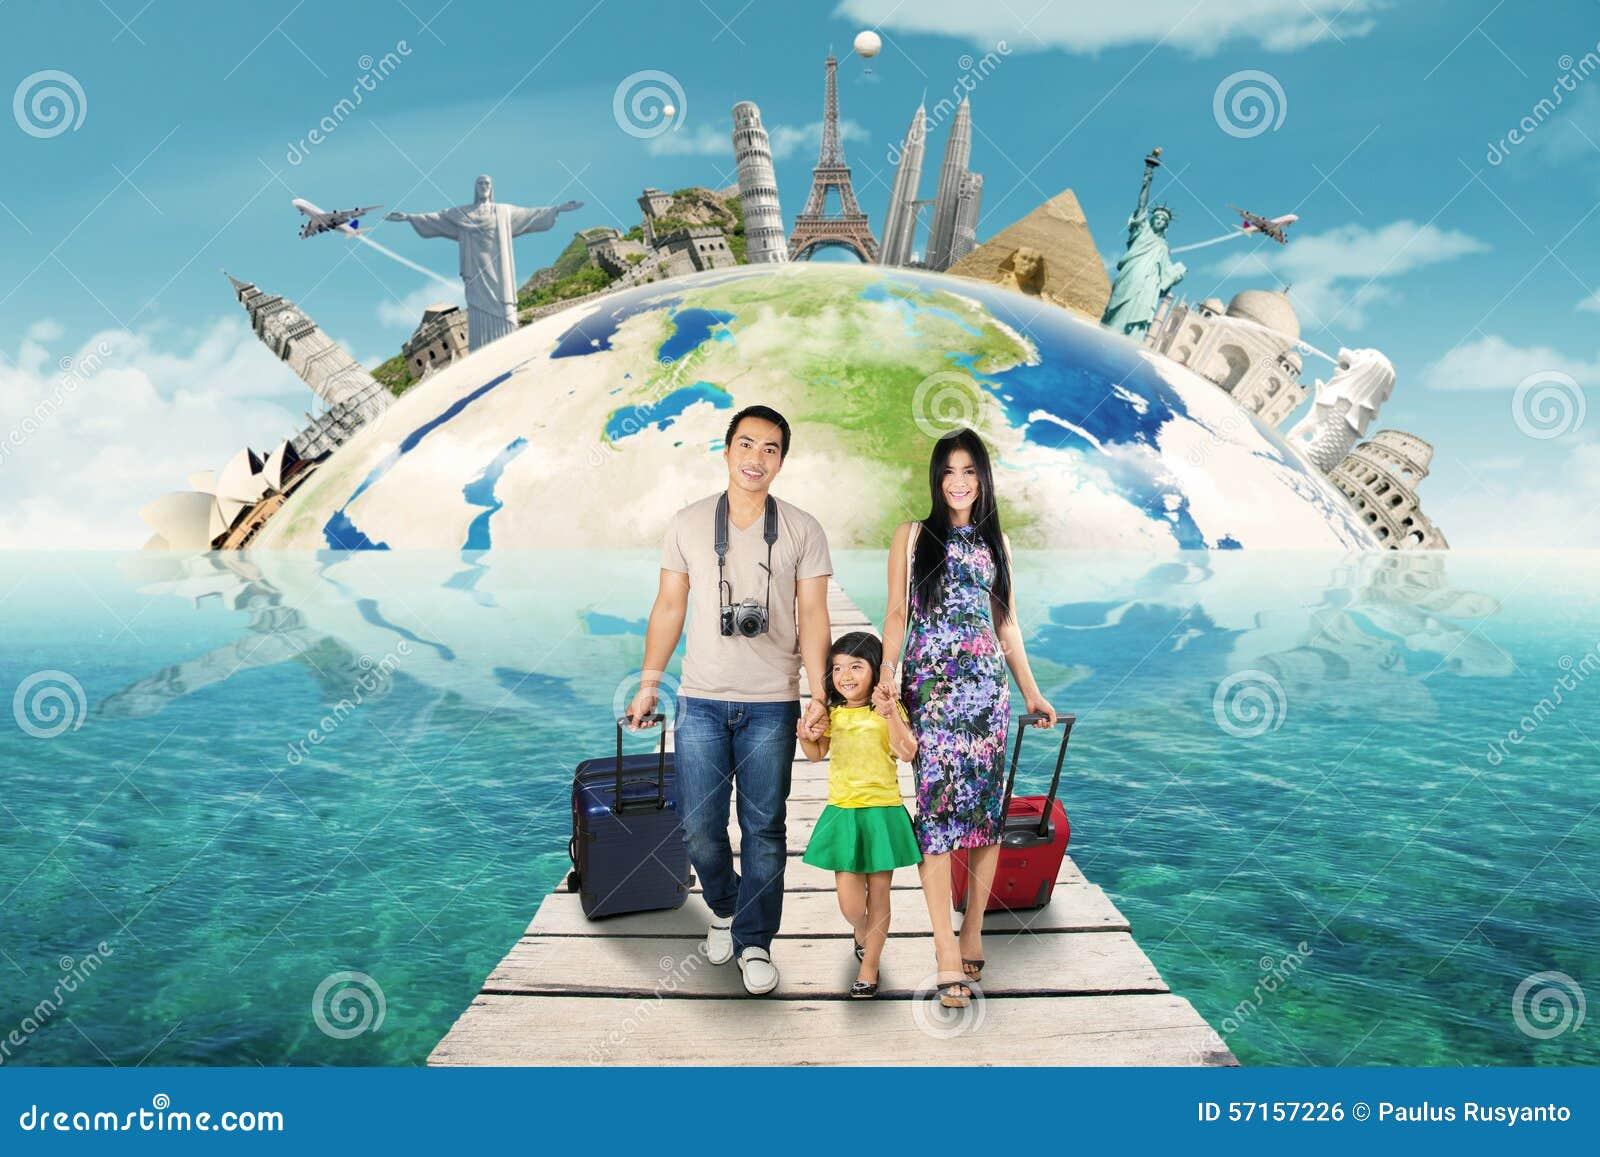 Vector Feliz Viaje Familia: La Familia Feliz Lleva Un Viaje El Monumento Del Mundo